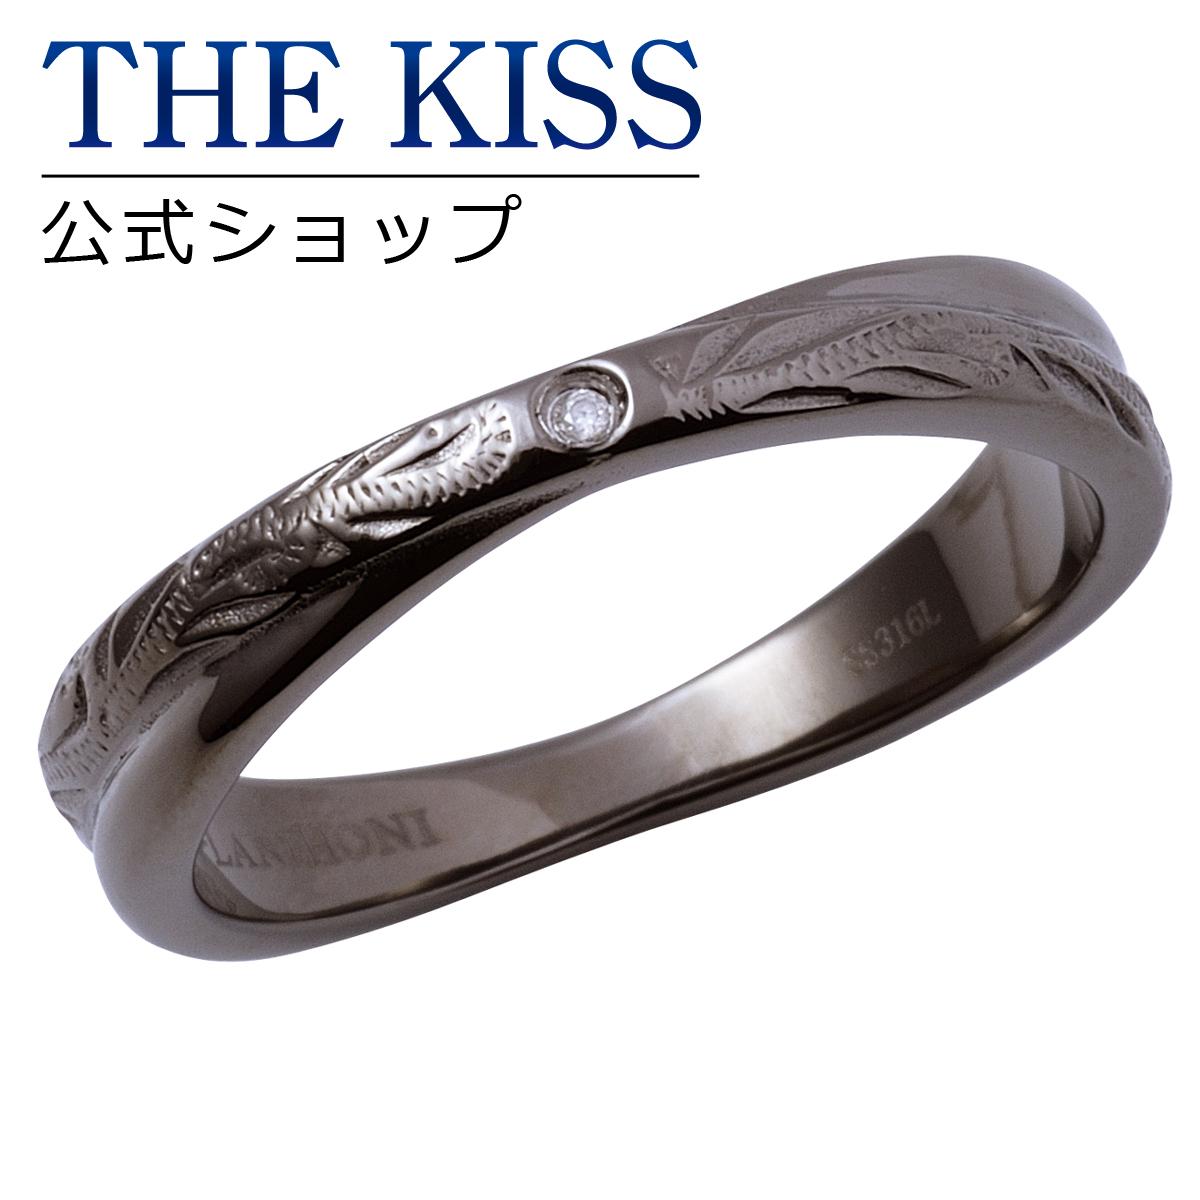 【あす楽対応】THE KISS 公式サイト ペアリング ステンレス ハワイアン ( メンズ 単品 ) ペアアクセサリー カップル に 人気 の ジュエリーブランド THEKISS ペア リング・指輪 記念日 プレゼント L-R8030DM ザキス 【送料無料】